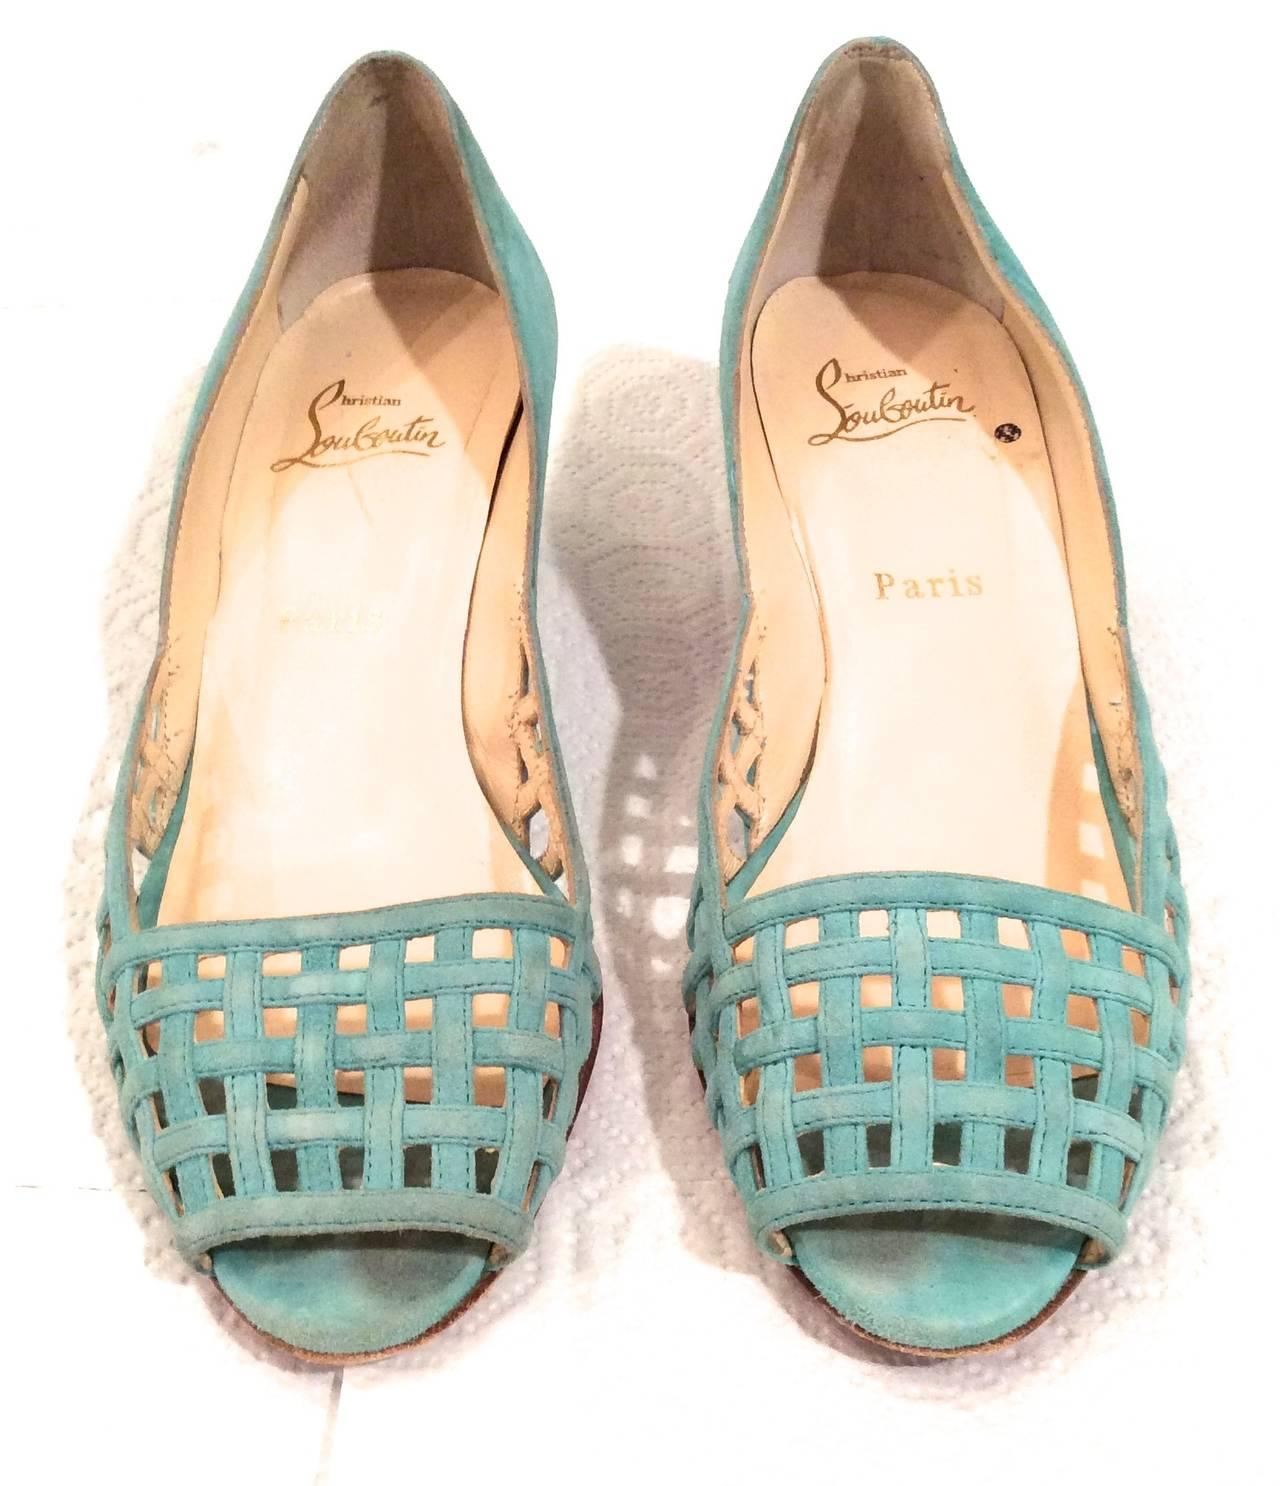 Christian Louboutin Shoes - Size 38 - Aqua Suede Open Toe Kitten Heel 6